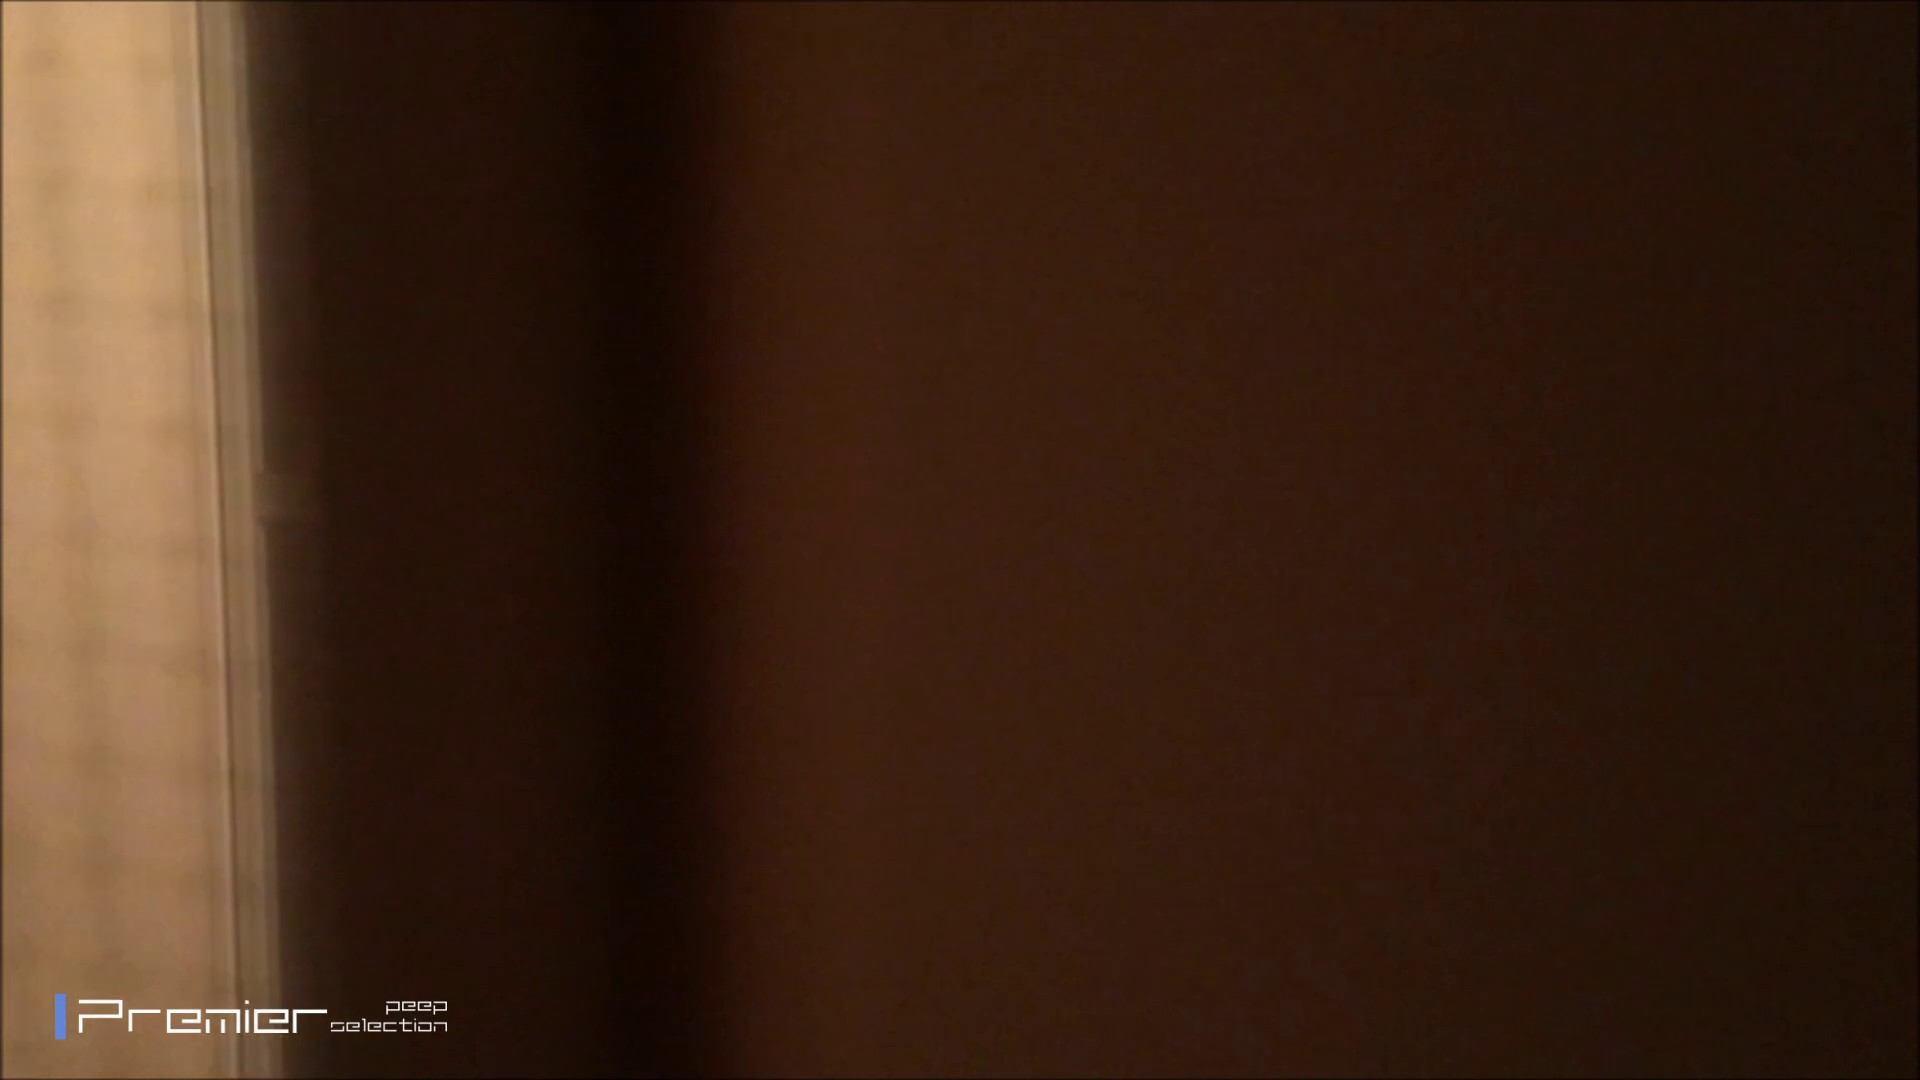 シャワーのお湯を跳ね返すお肌 乙女の風呂場 Vol.03 盗撮 われめAV動画紹介 78PIX 9